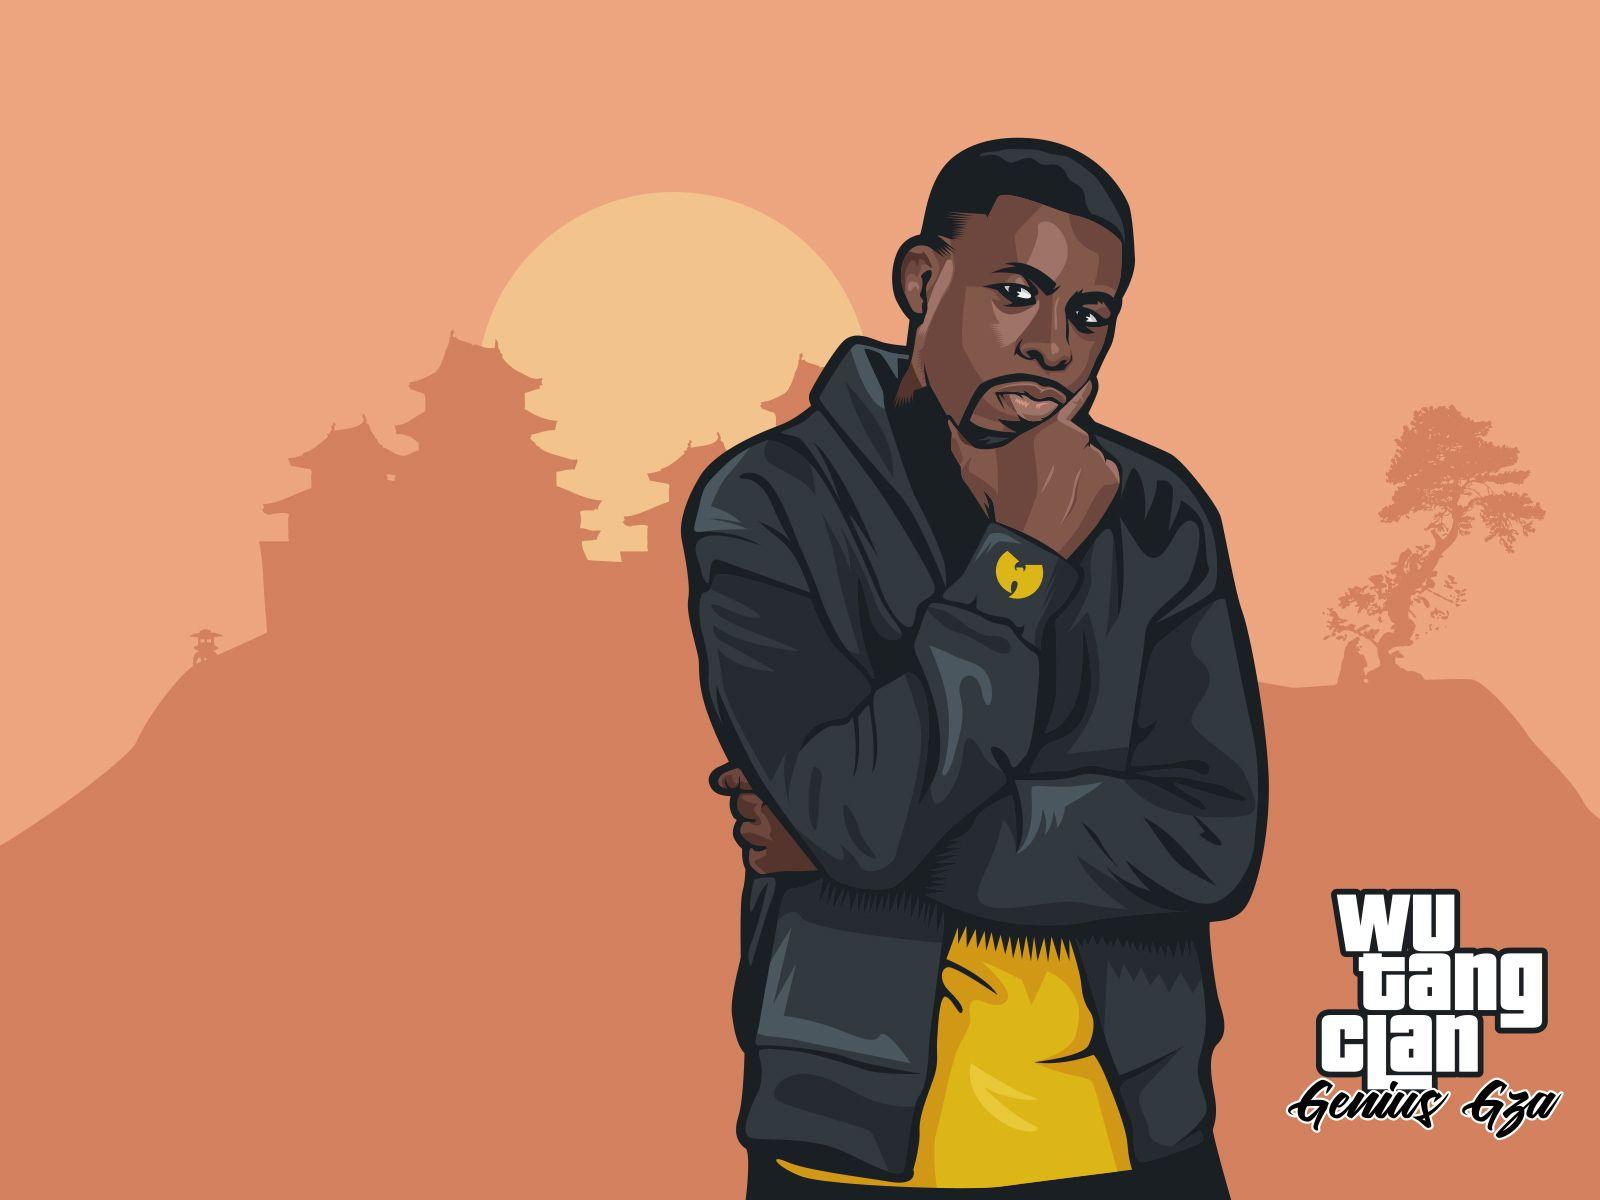 Gta X Wutang Gza Wu Tang Wu Tang Clan Hip Hop